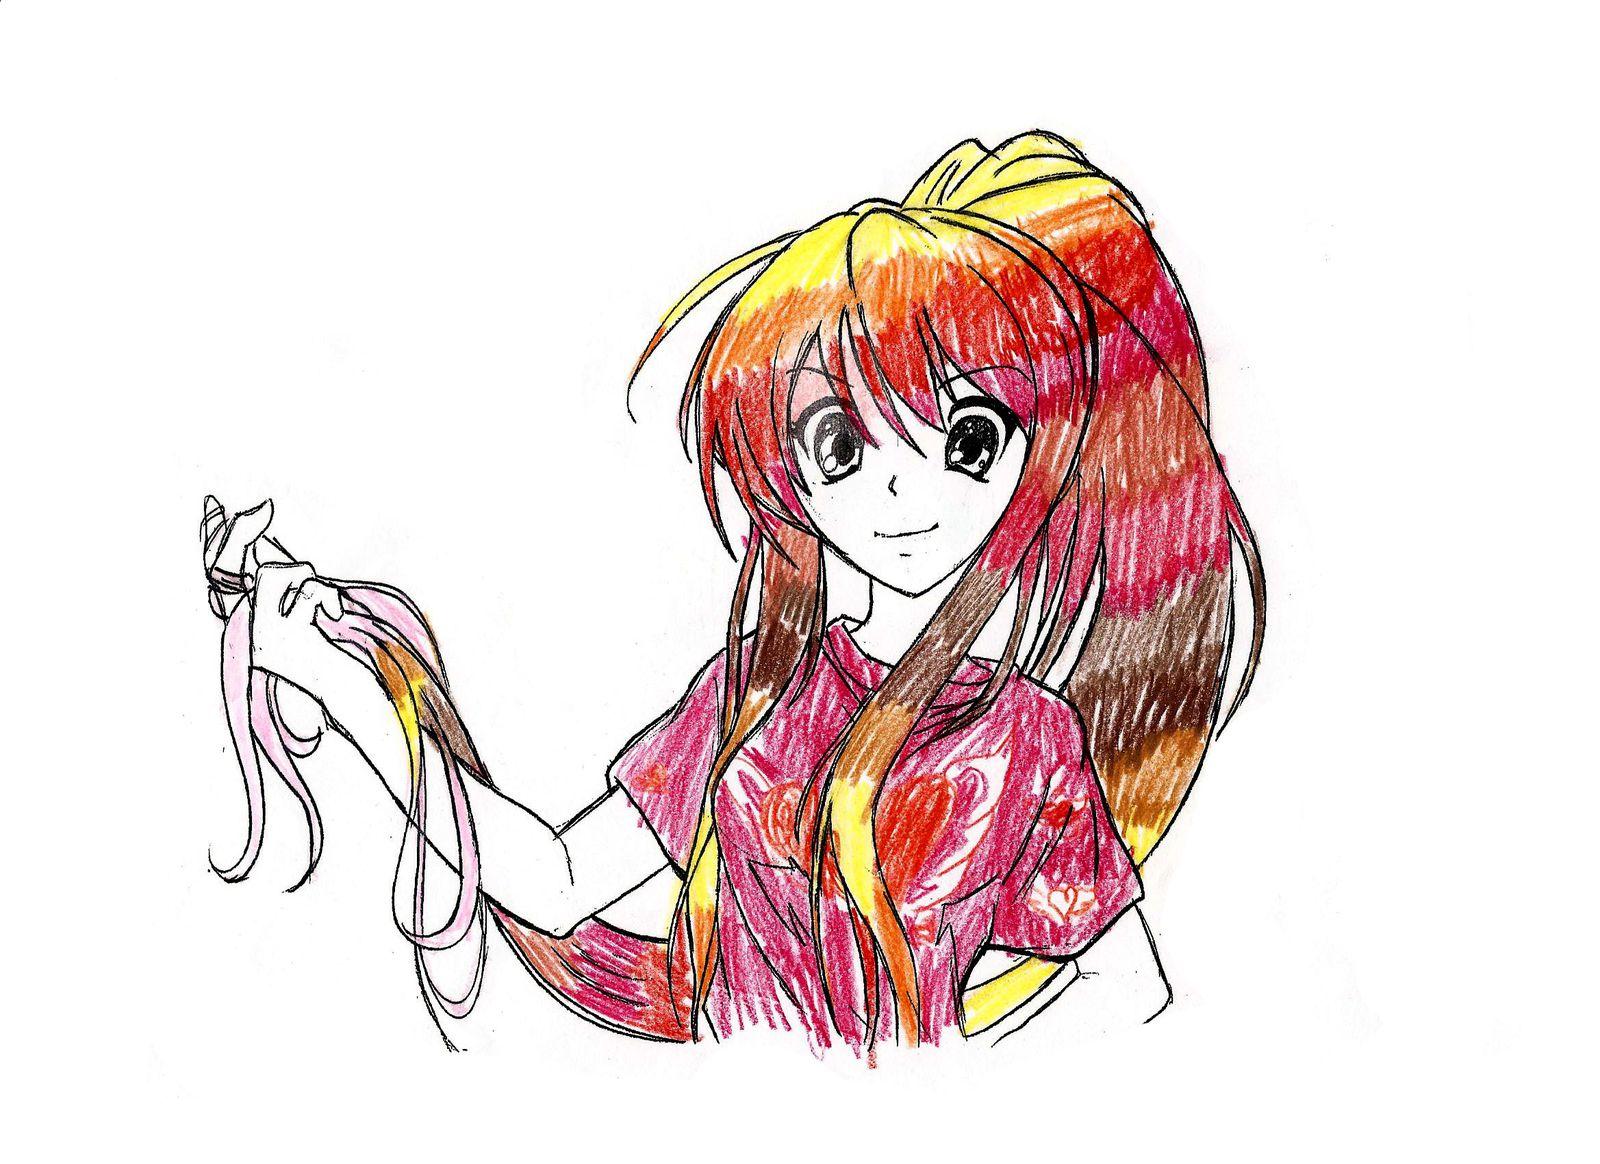 Le blog de mizura - 3 2